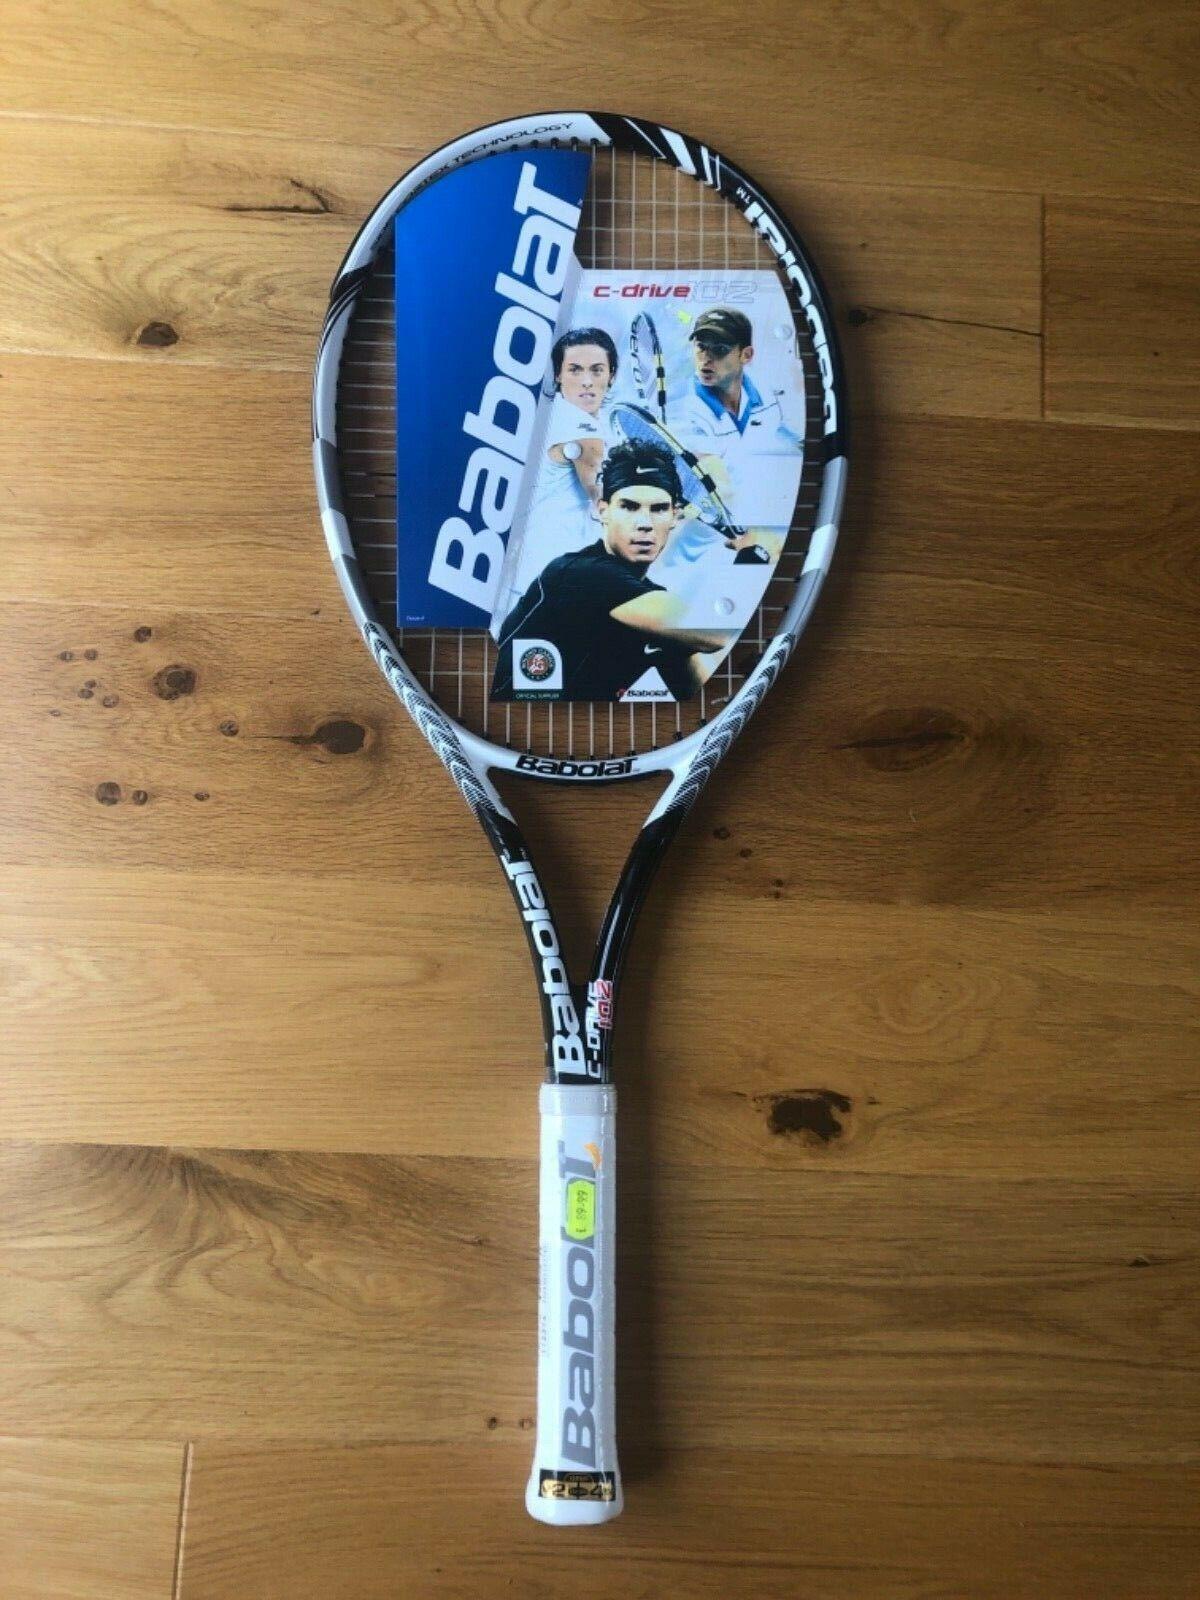 Babolat C-drive 102 Raqueta De Tenis Grip 2. nuevo en embalaje.